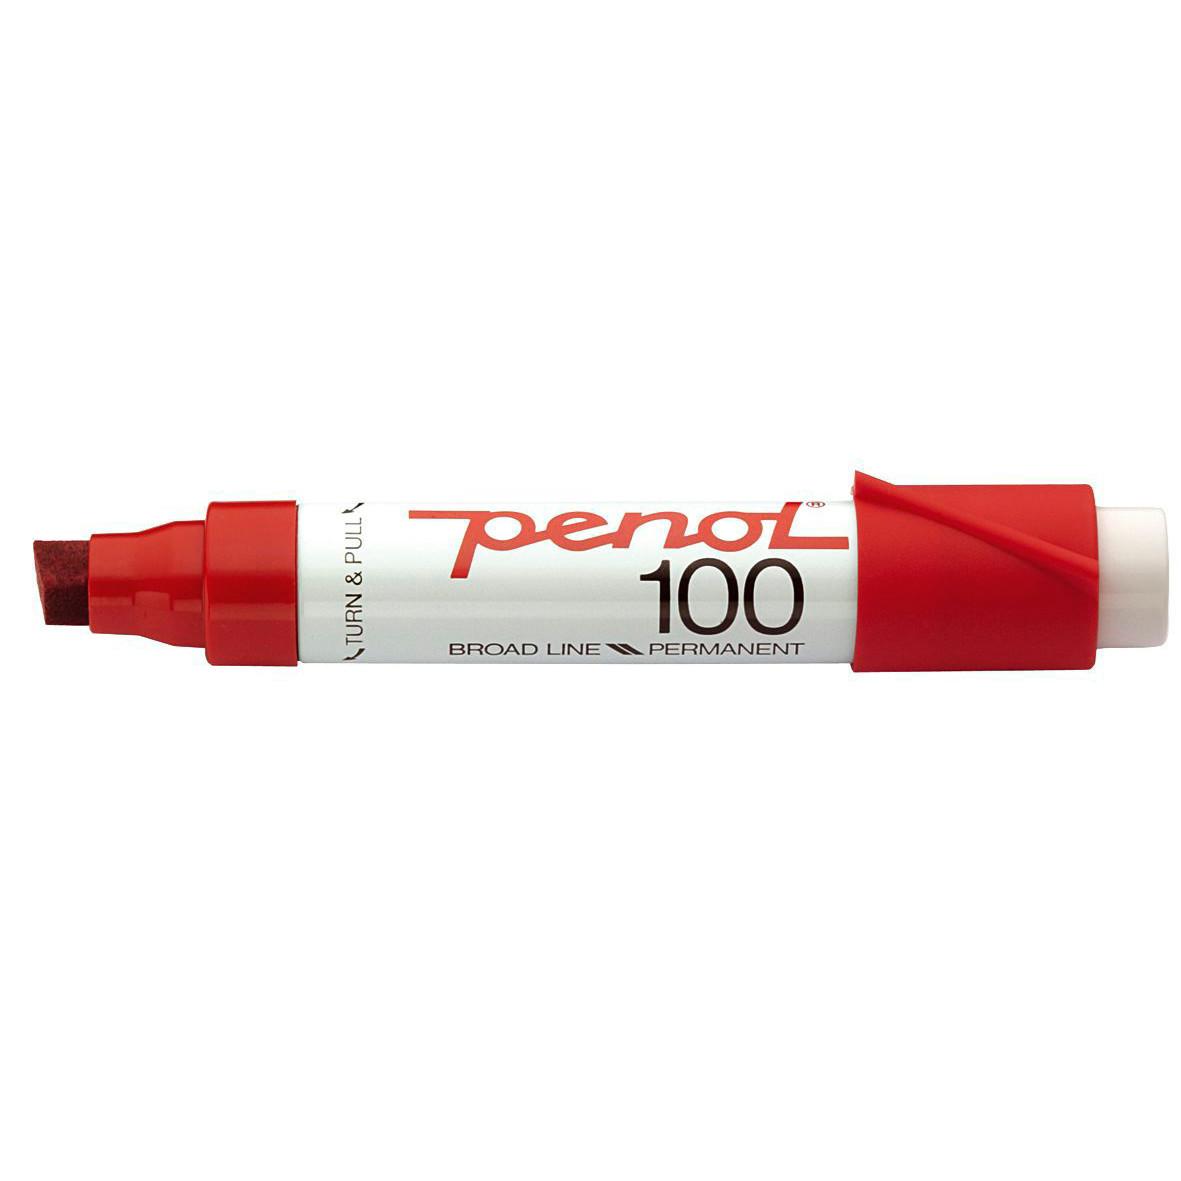 Penol 100 - Spritmarker rød 3-10 mm